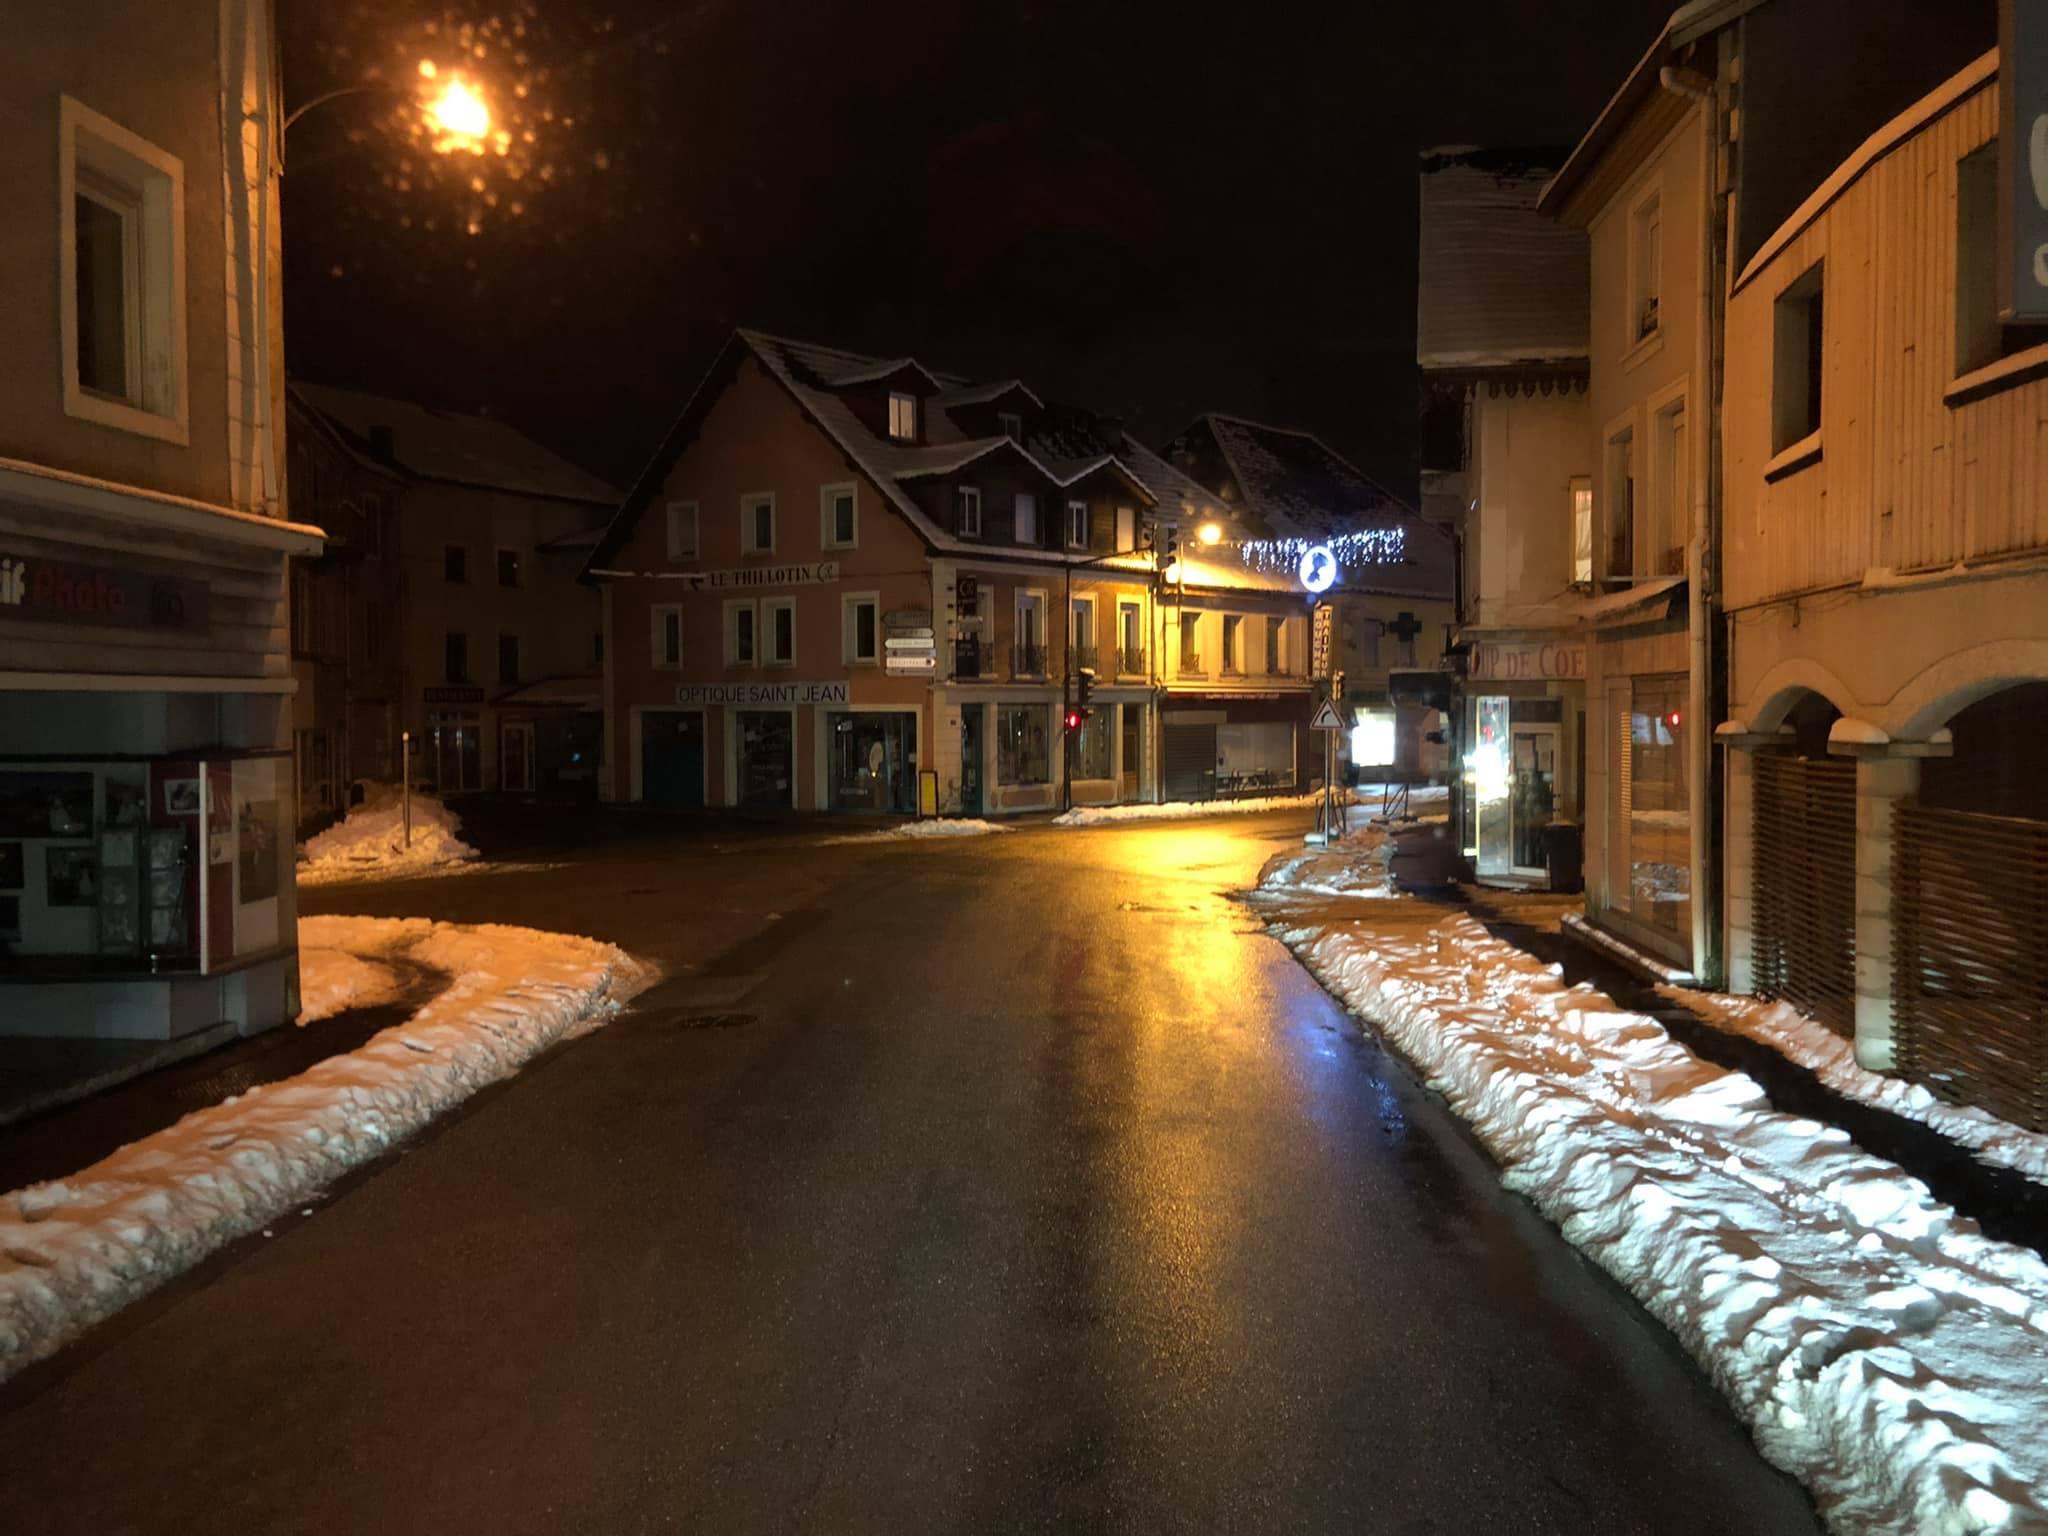 mooie-week-rondje-Paris-Rouen-Macon-Colmar-29-1-2021-(8)